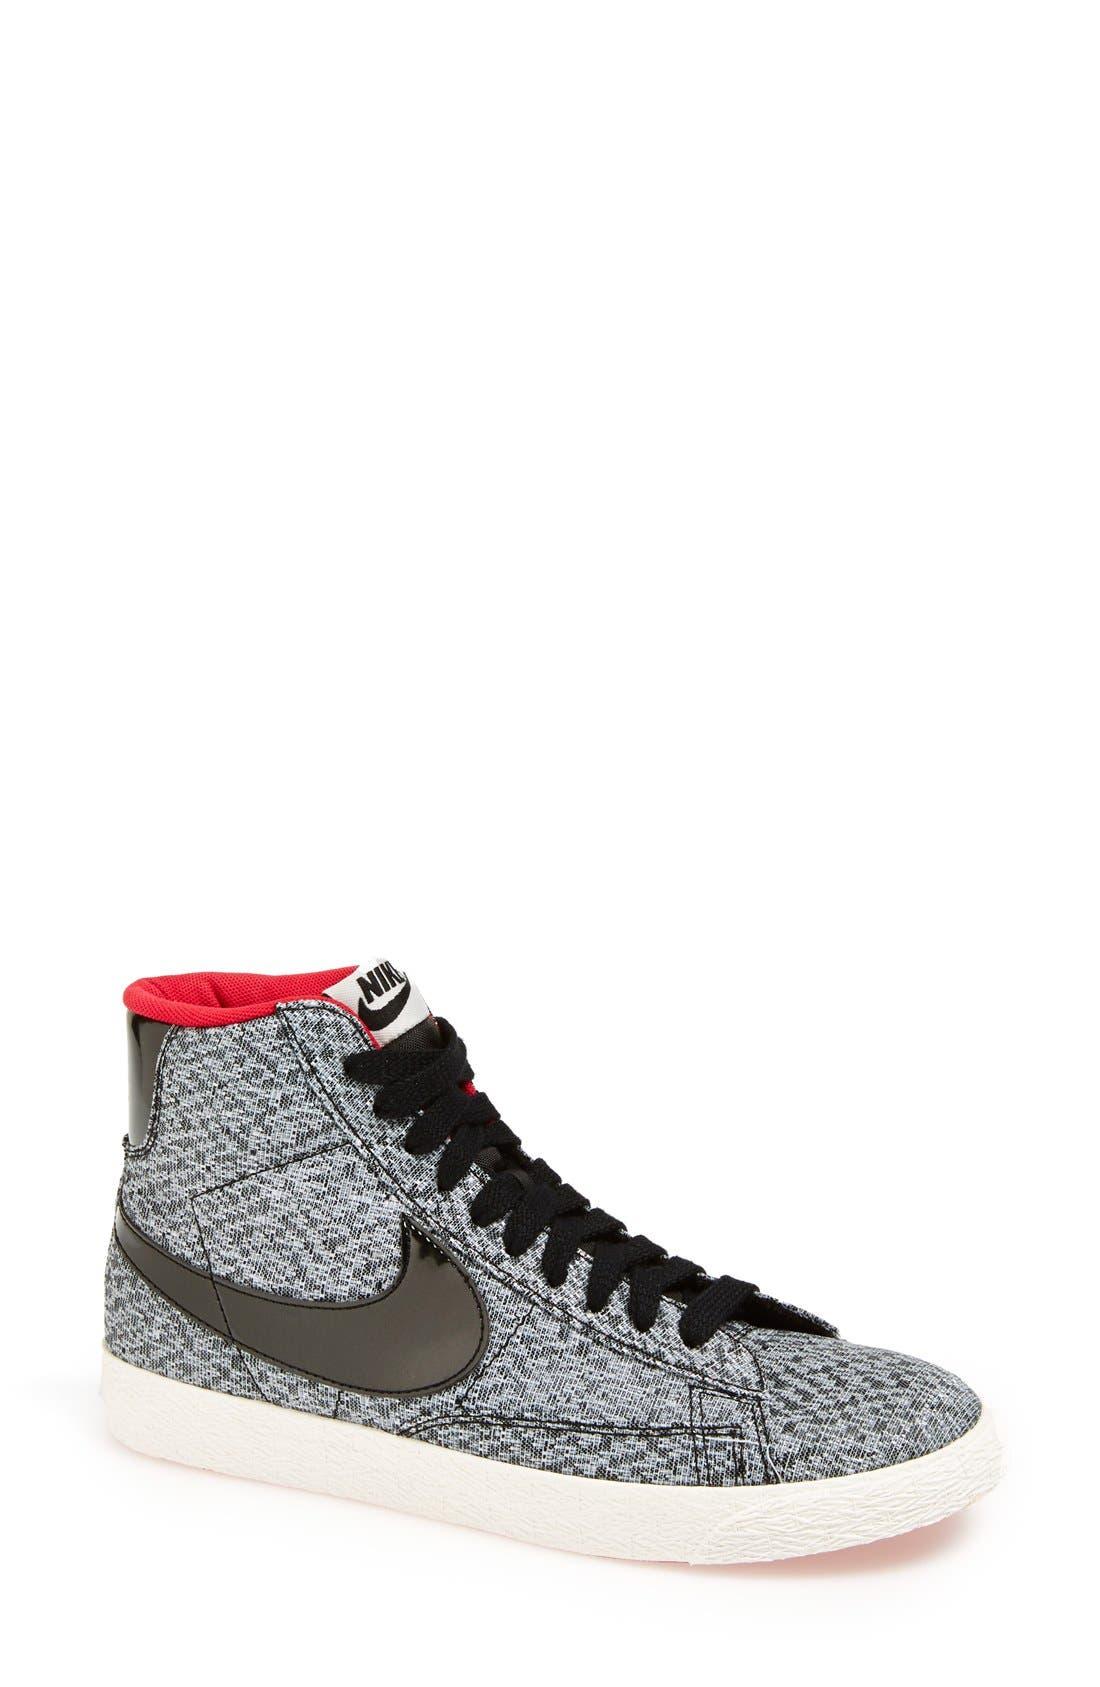 Main Image - Nike 'Blazer Mid' Sneaker (Women)